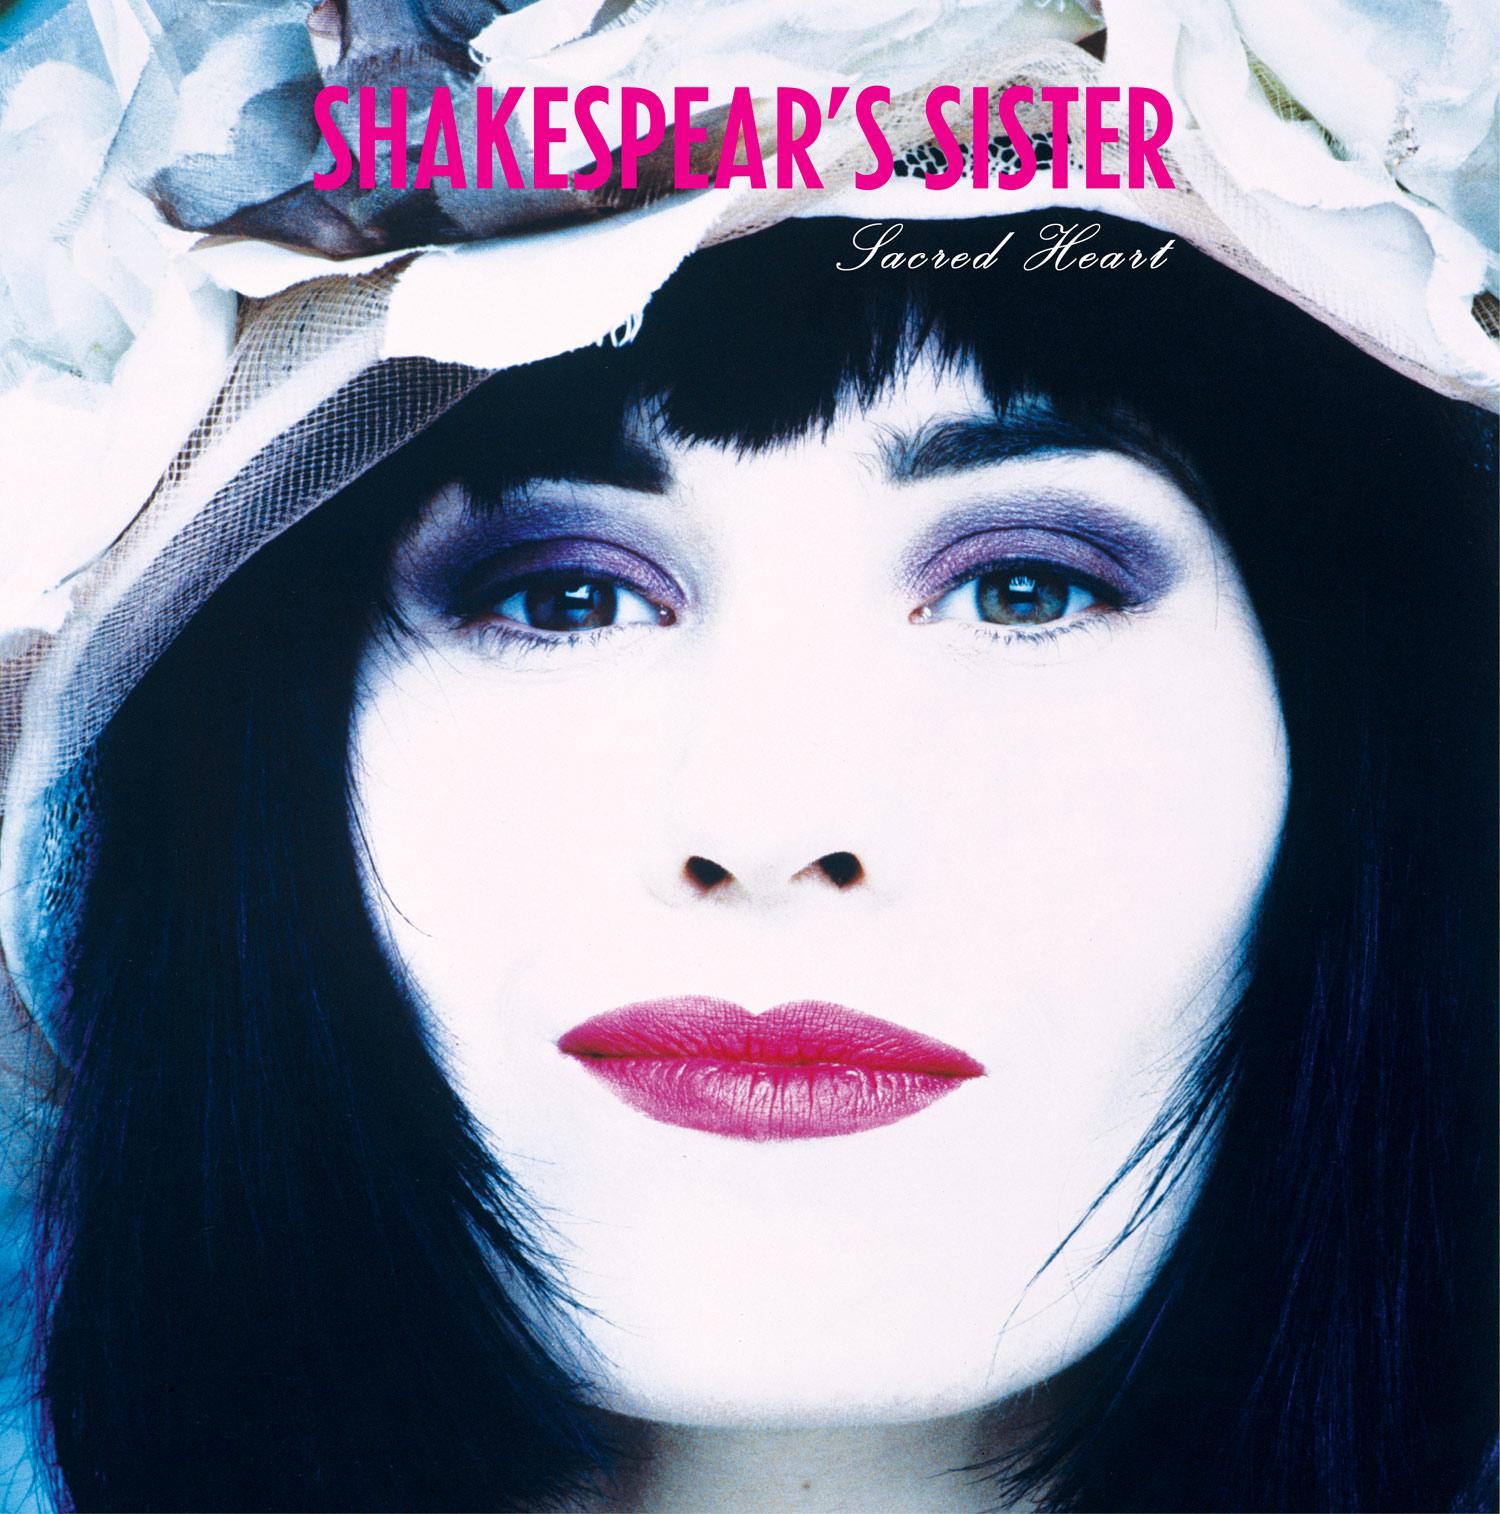 Shakespears Sister / Sacred Heart reissue 2CD and pink vinyl